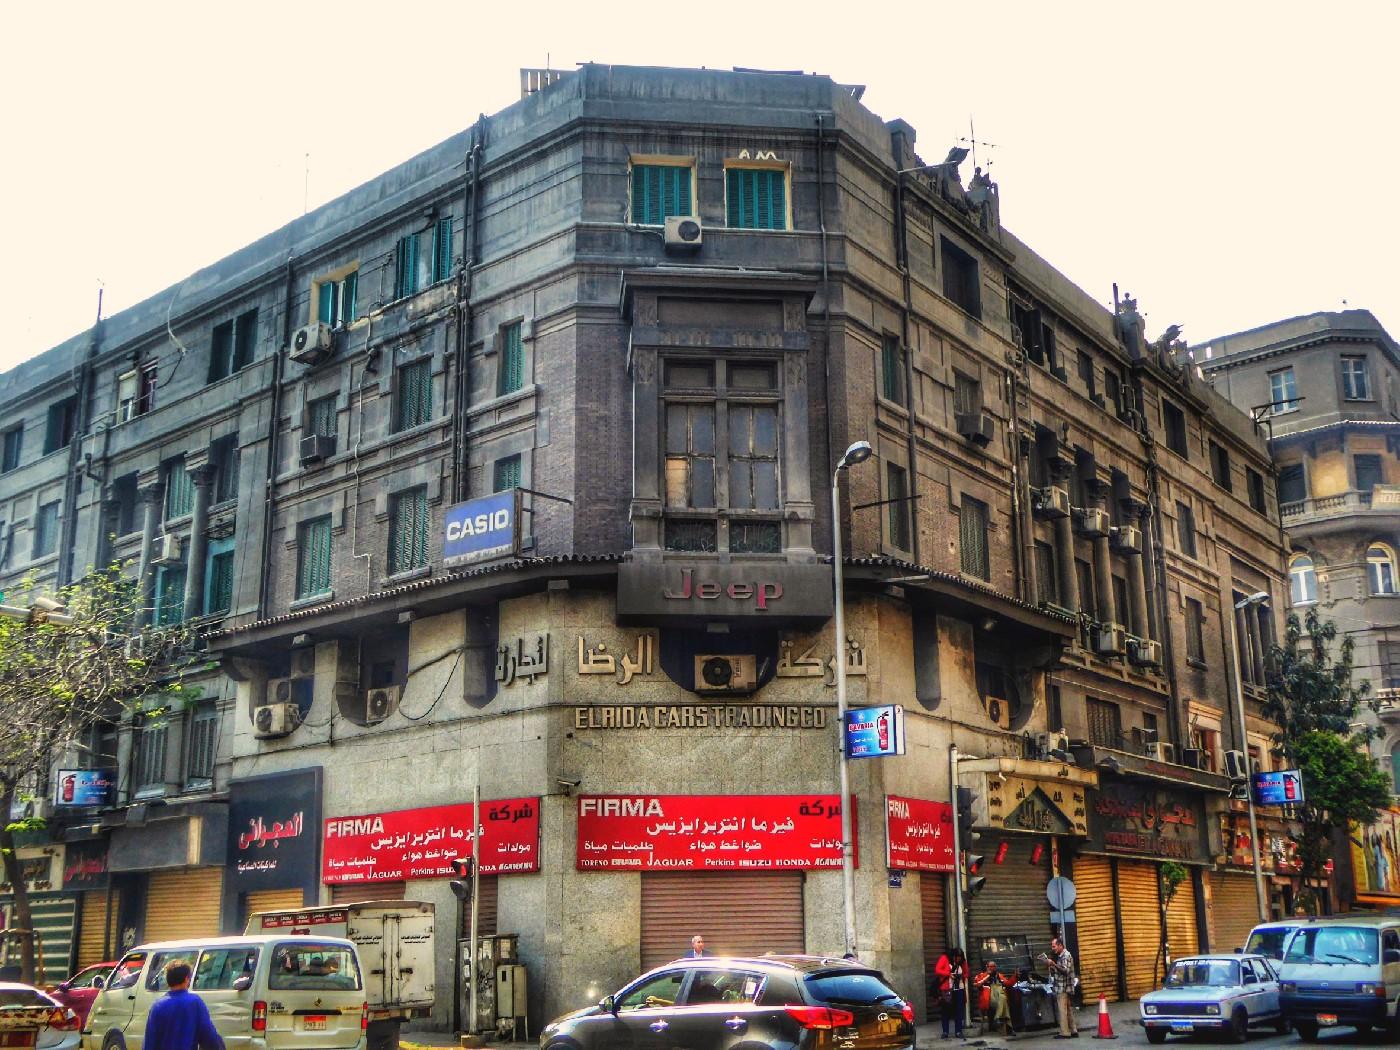 رقم 17 شارع عماد الدين.. نادي الأمراء (قصر دائرة جلال باشا سابقًا) / تصوير ميشيل حنا